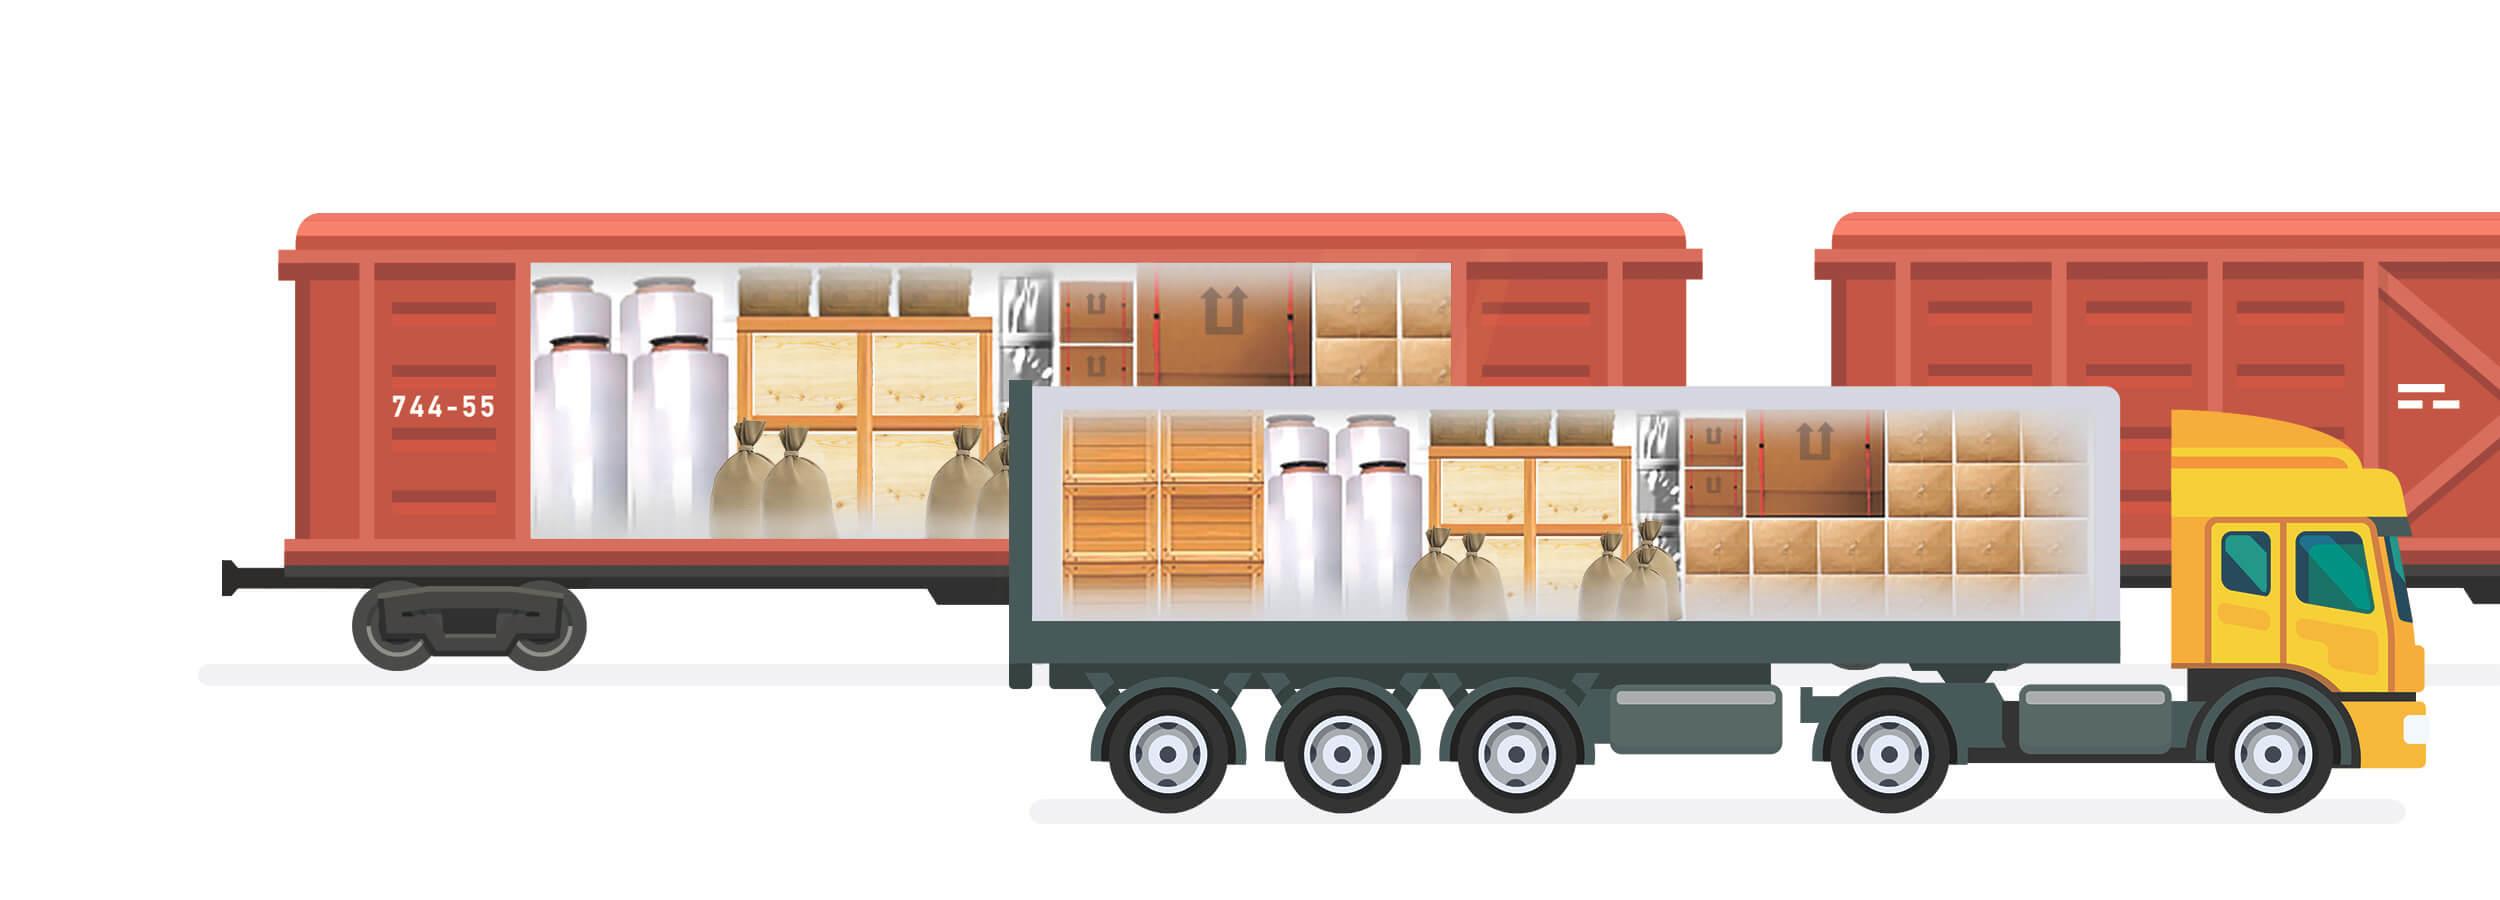 Что значит перевозка сборных грузов?